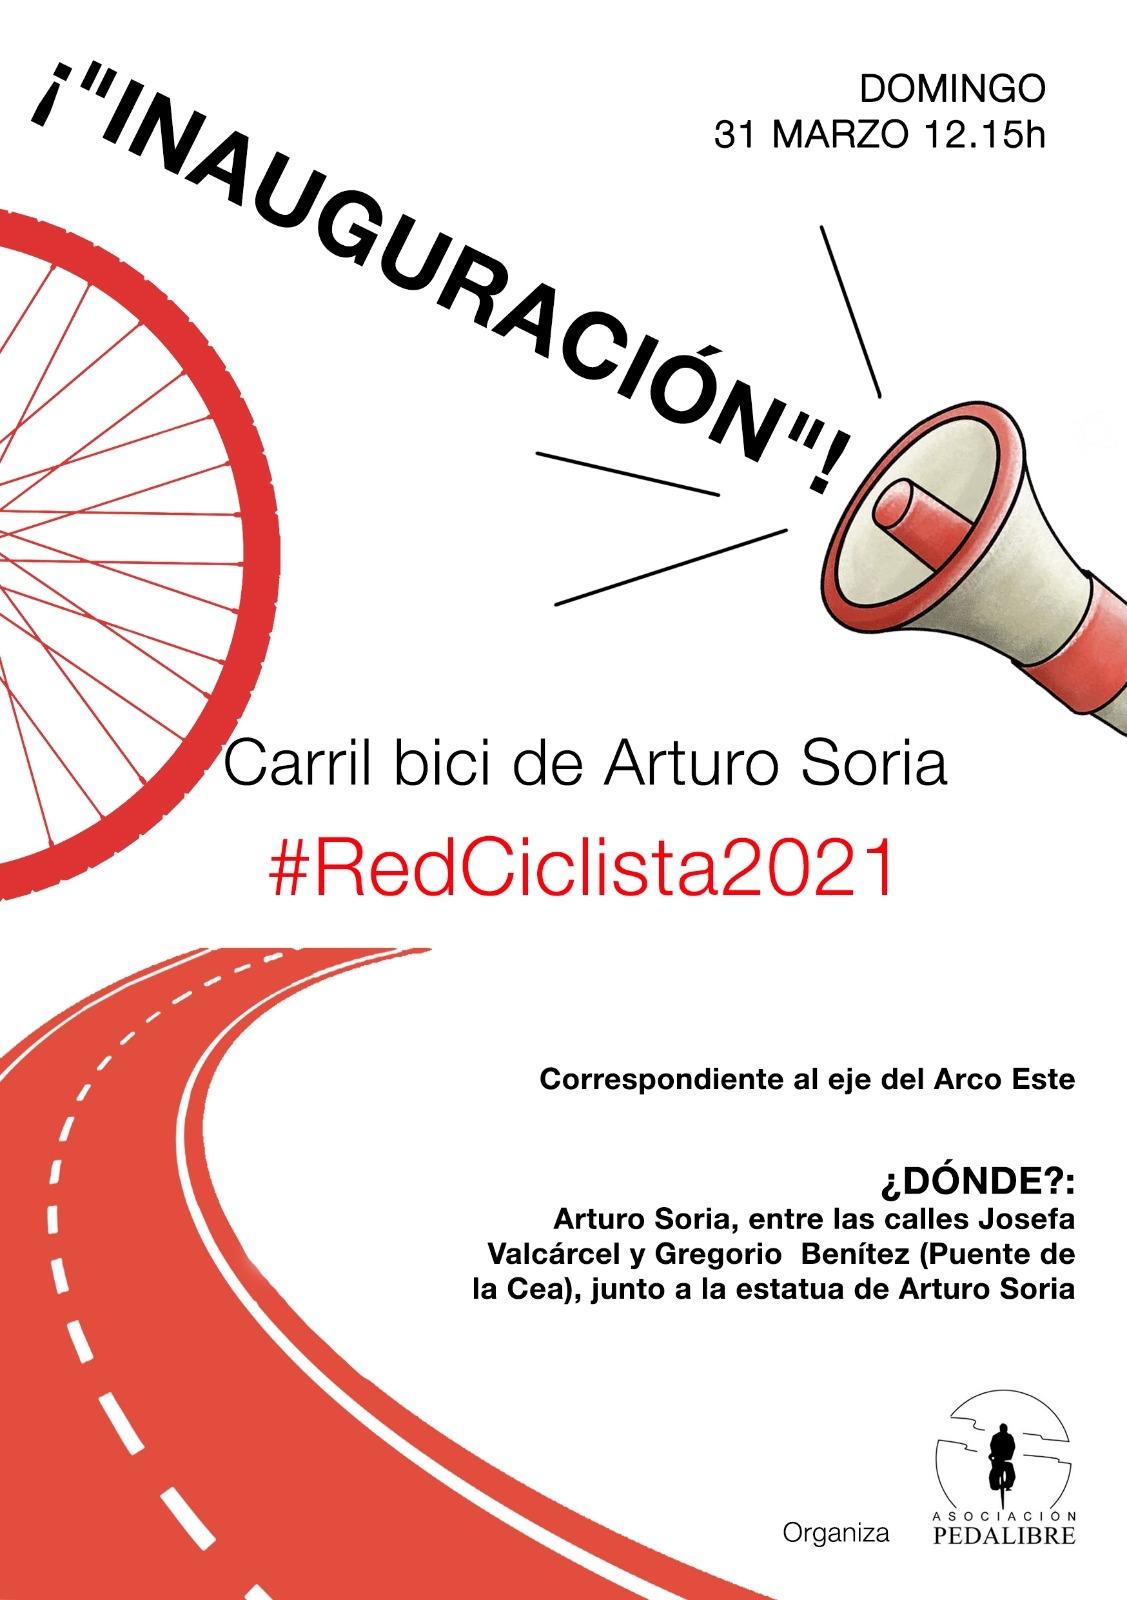 «Inauguración» del carril bici de ArturoSoria